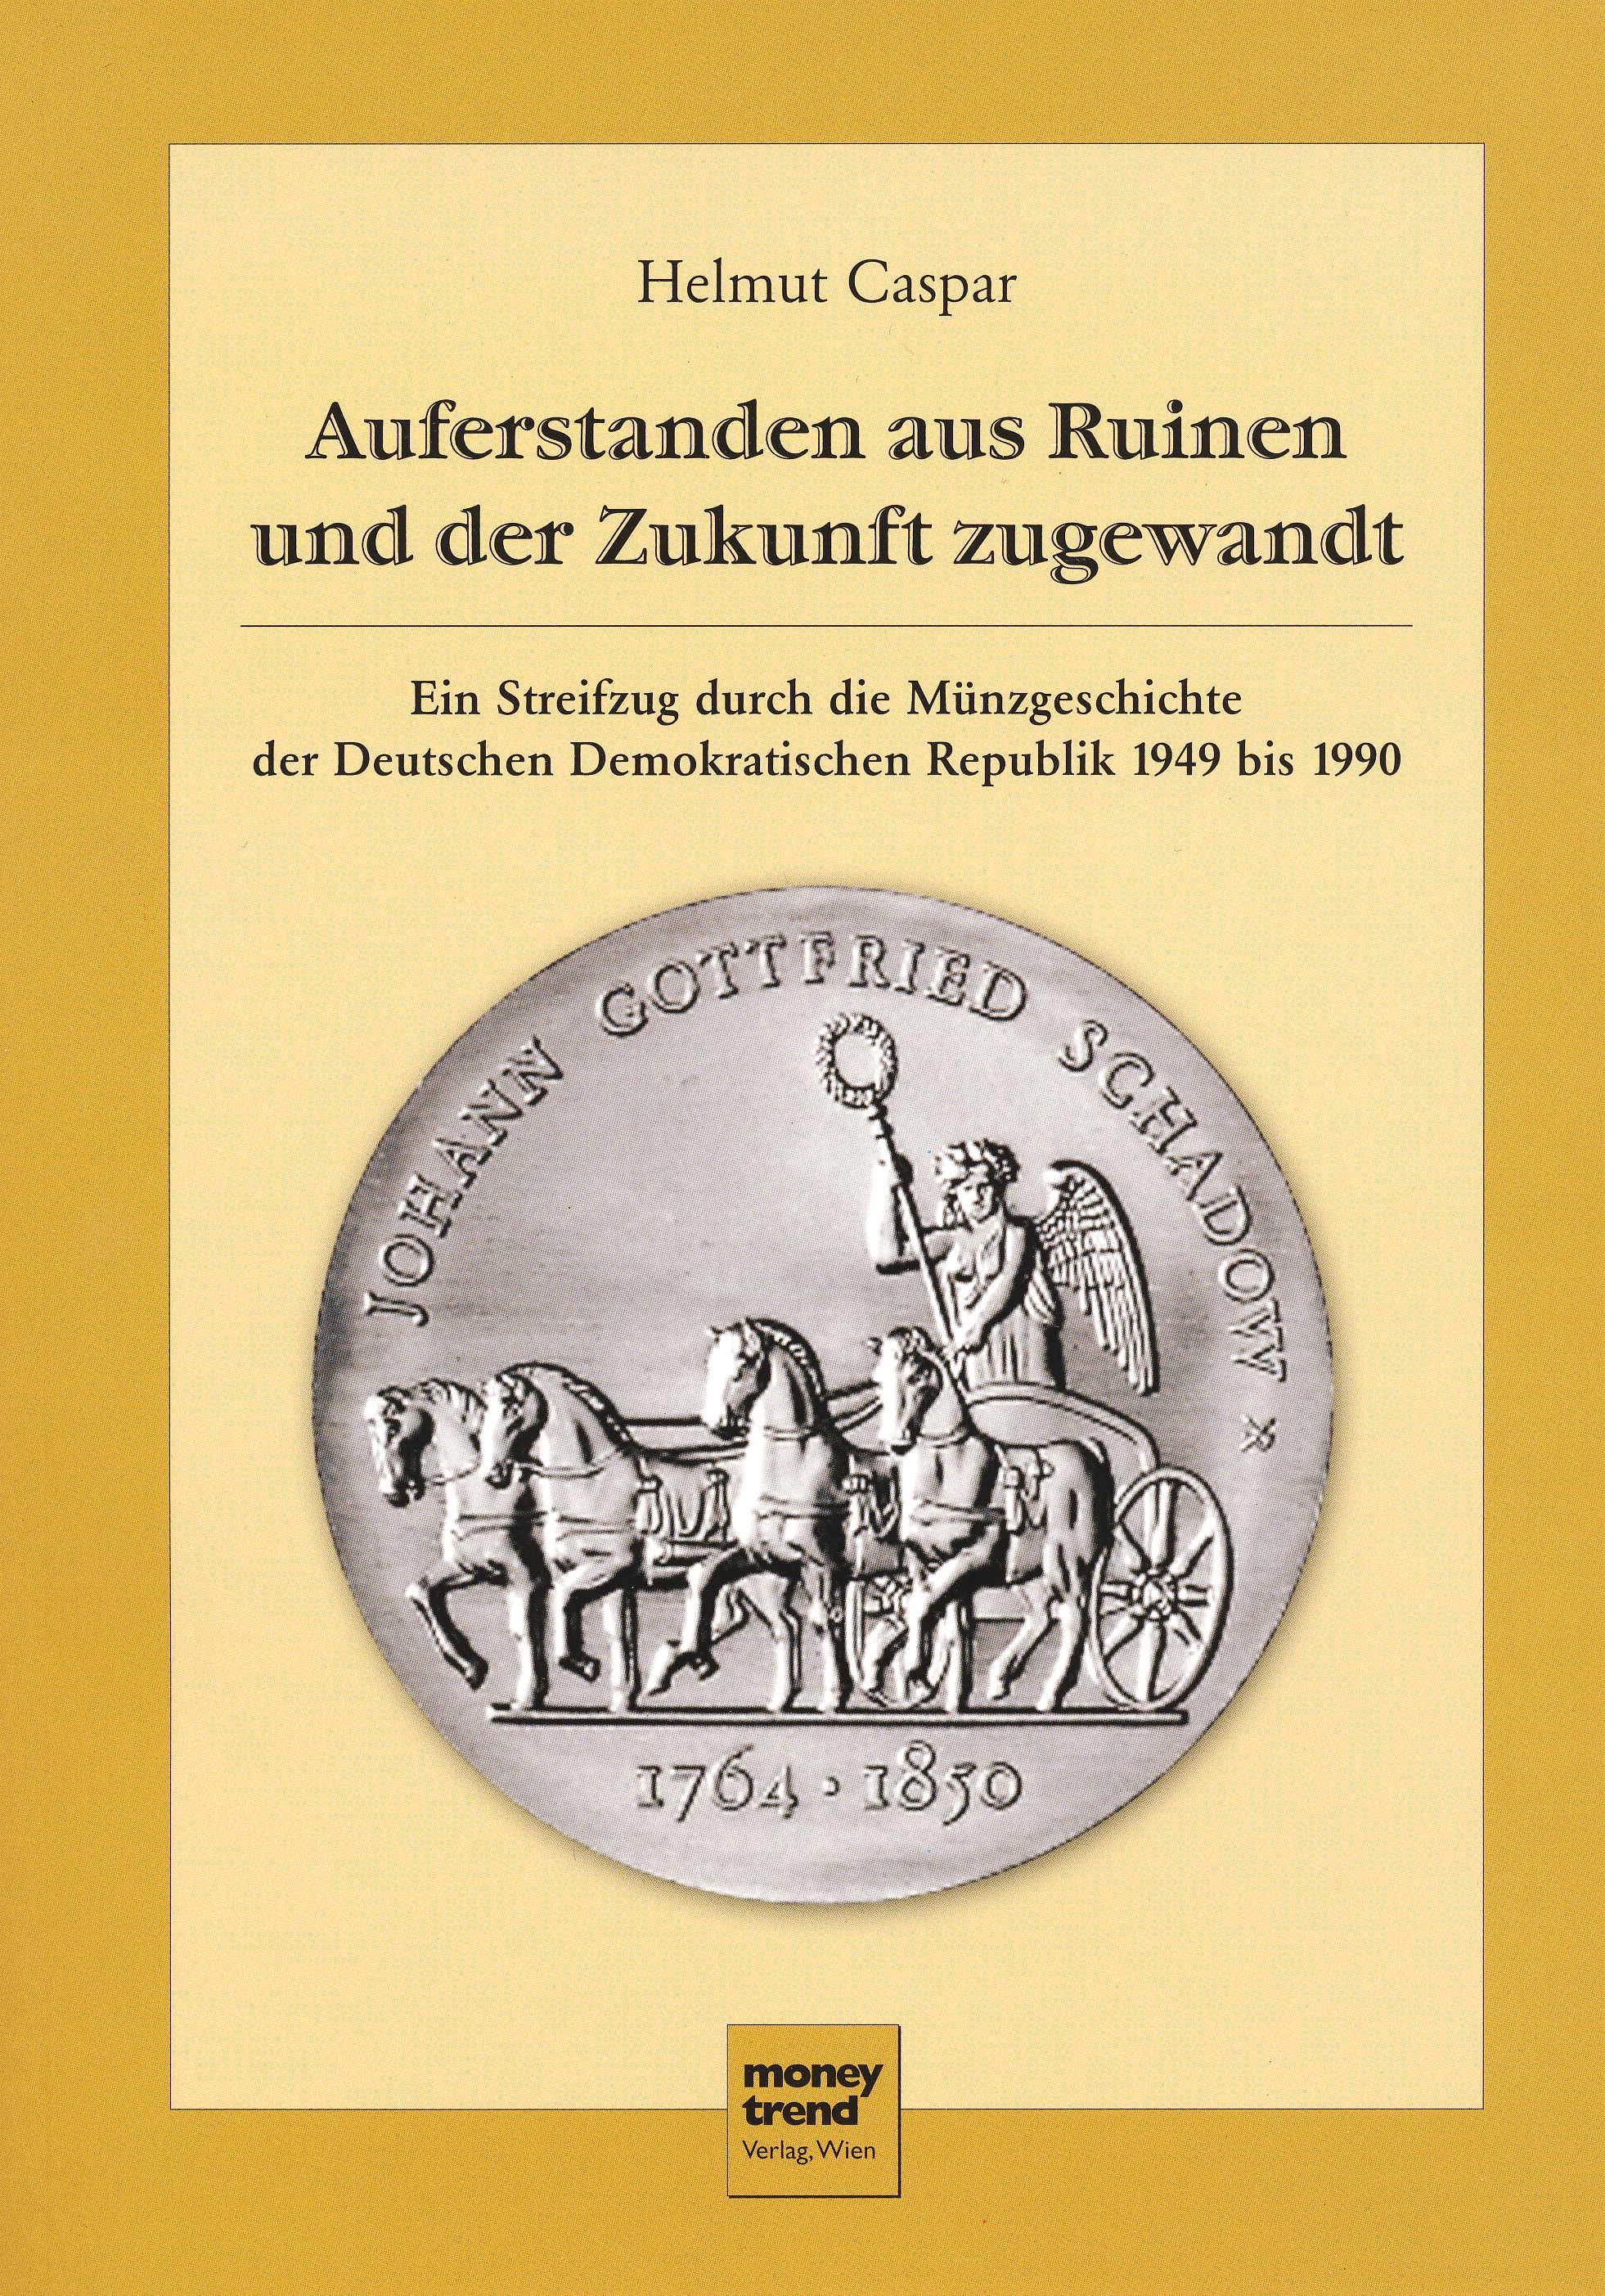 Caspar Helmut Auferstanden aus Ruinen und der Zukunft zugewandt